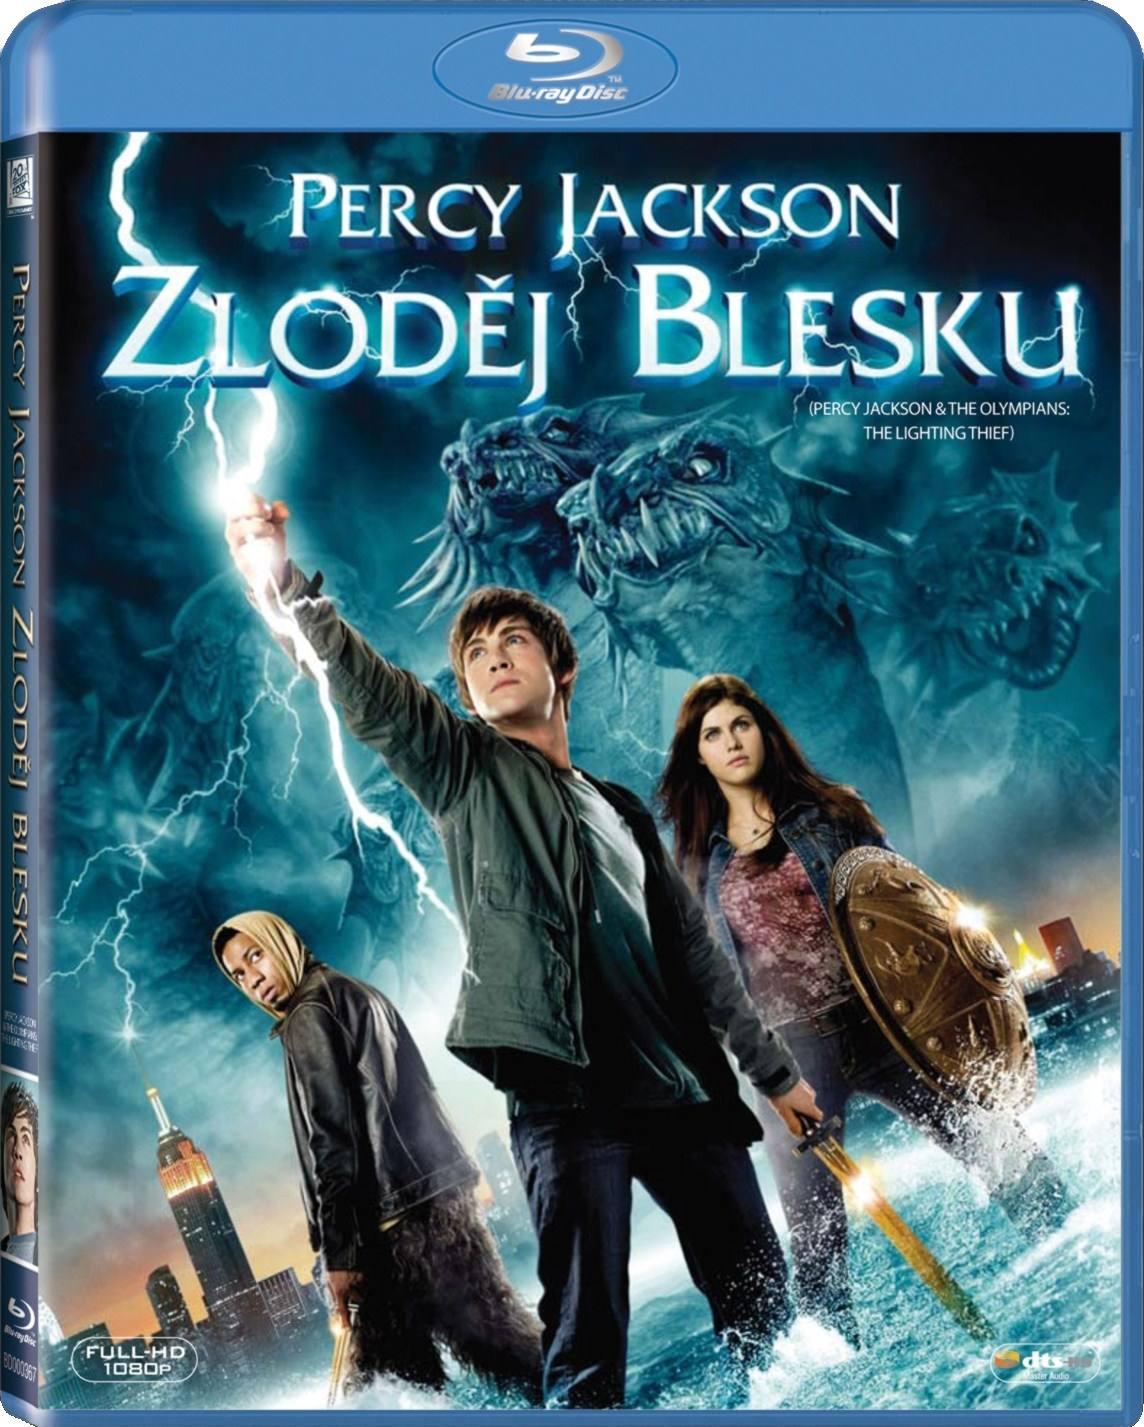 PERCY JACKSON: ZLODĚJ BLESKU - Blu-ray